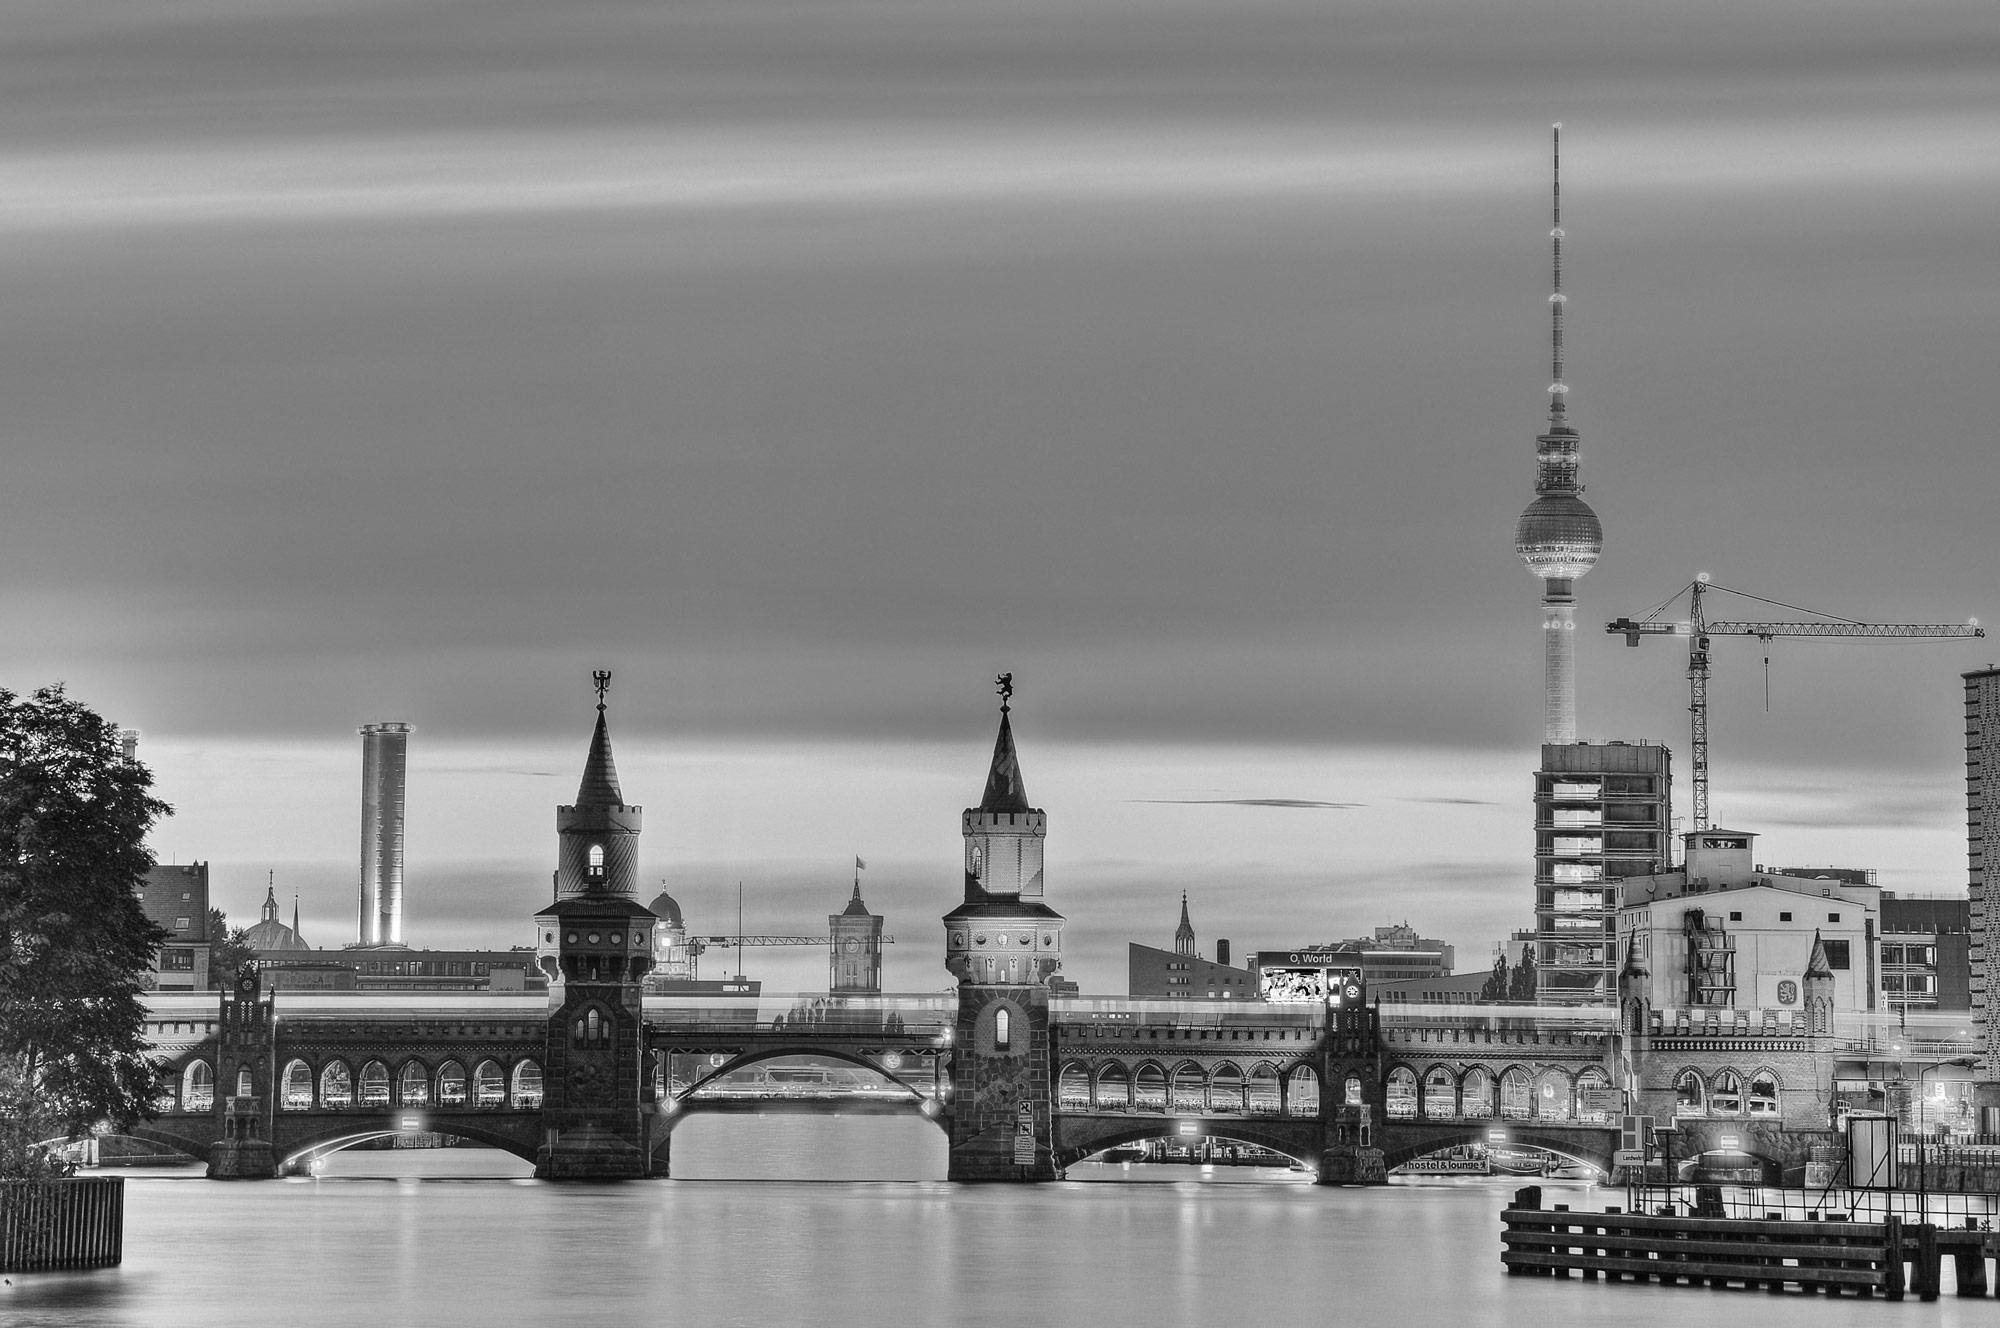 Ioannis Moraitis - Immobilien in Berlin